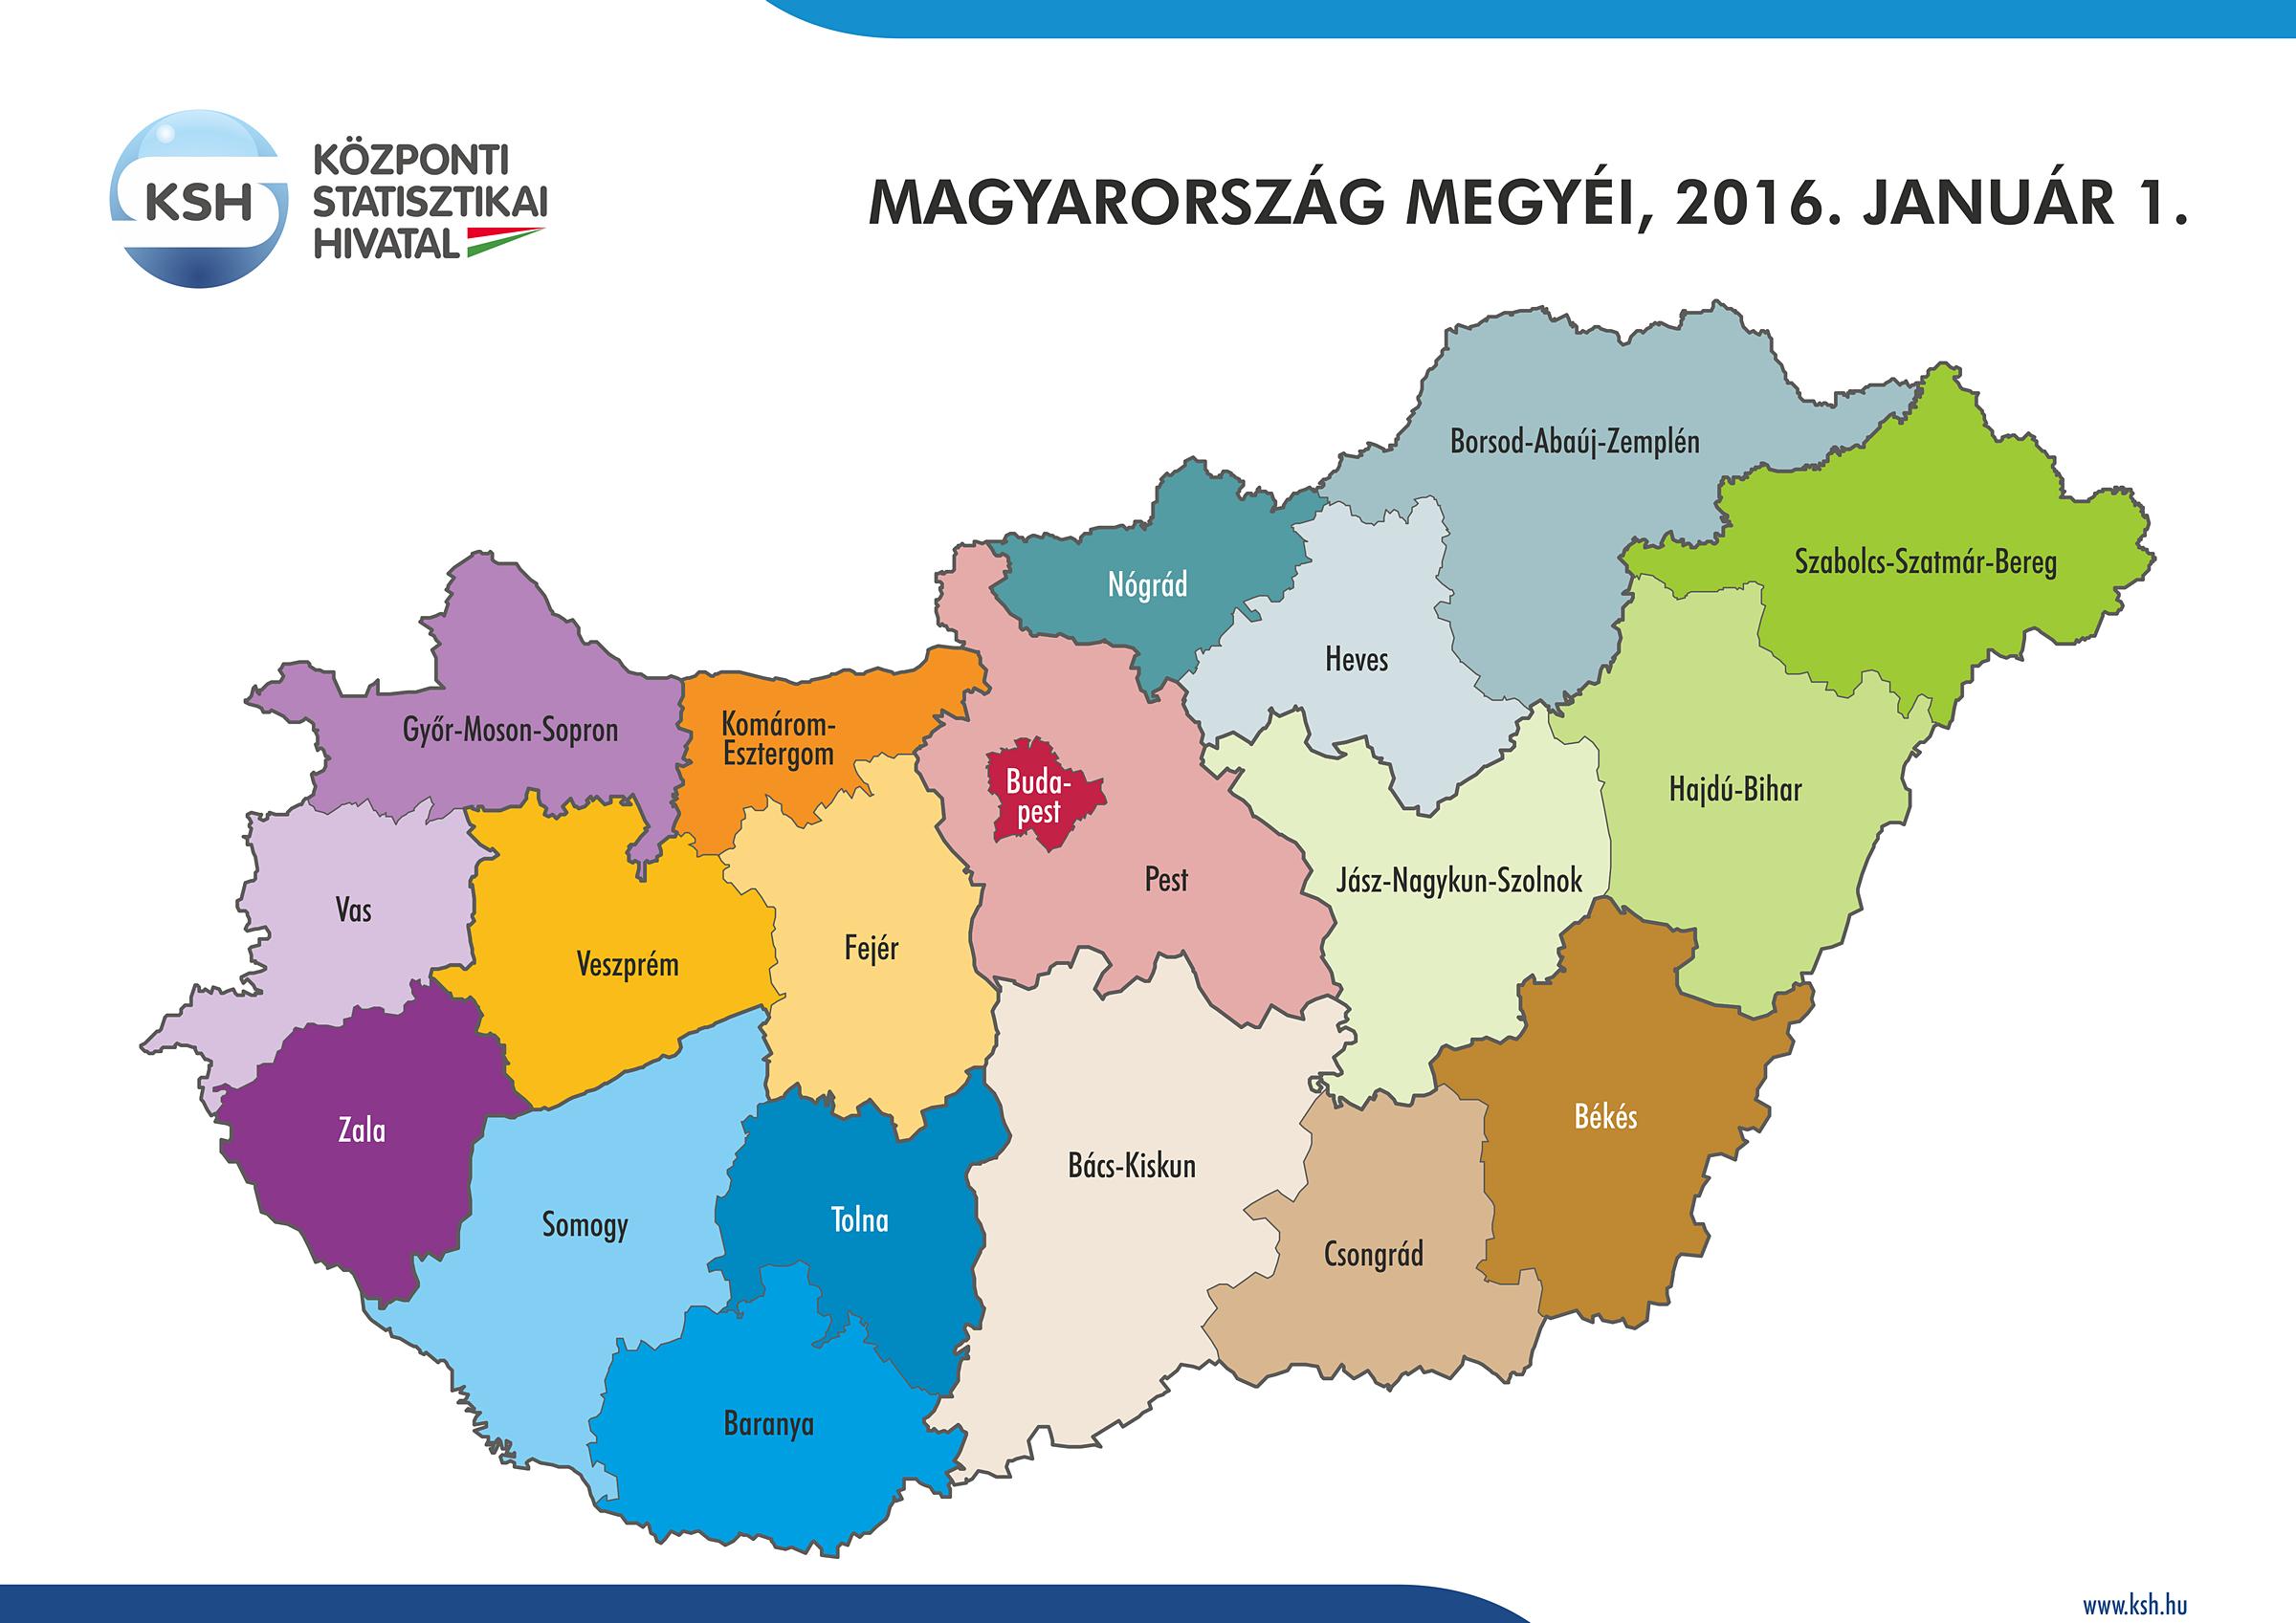 budapest térkép kerületekre osztva Központi Statisztikai Hivatal budapest térkép kerületekre osztva